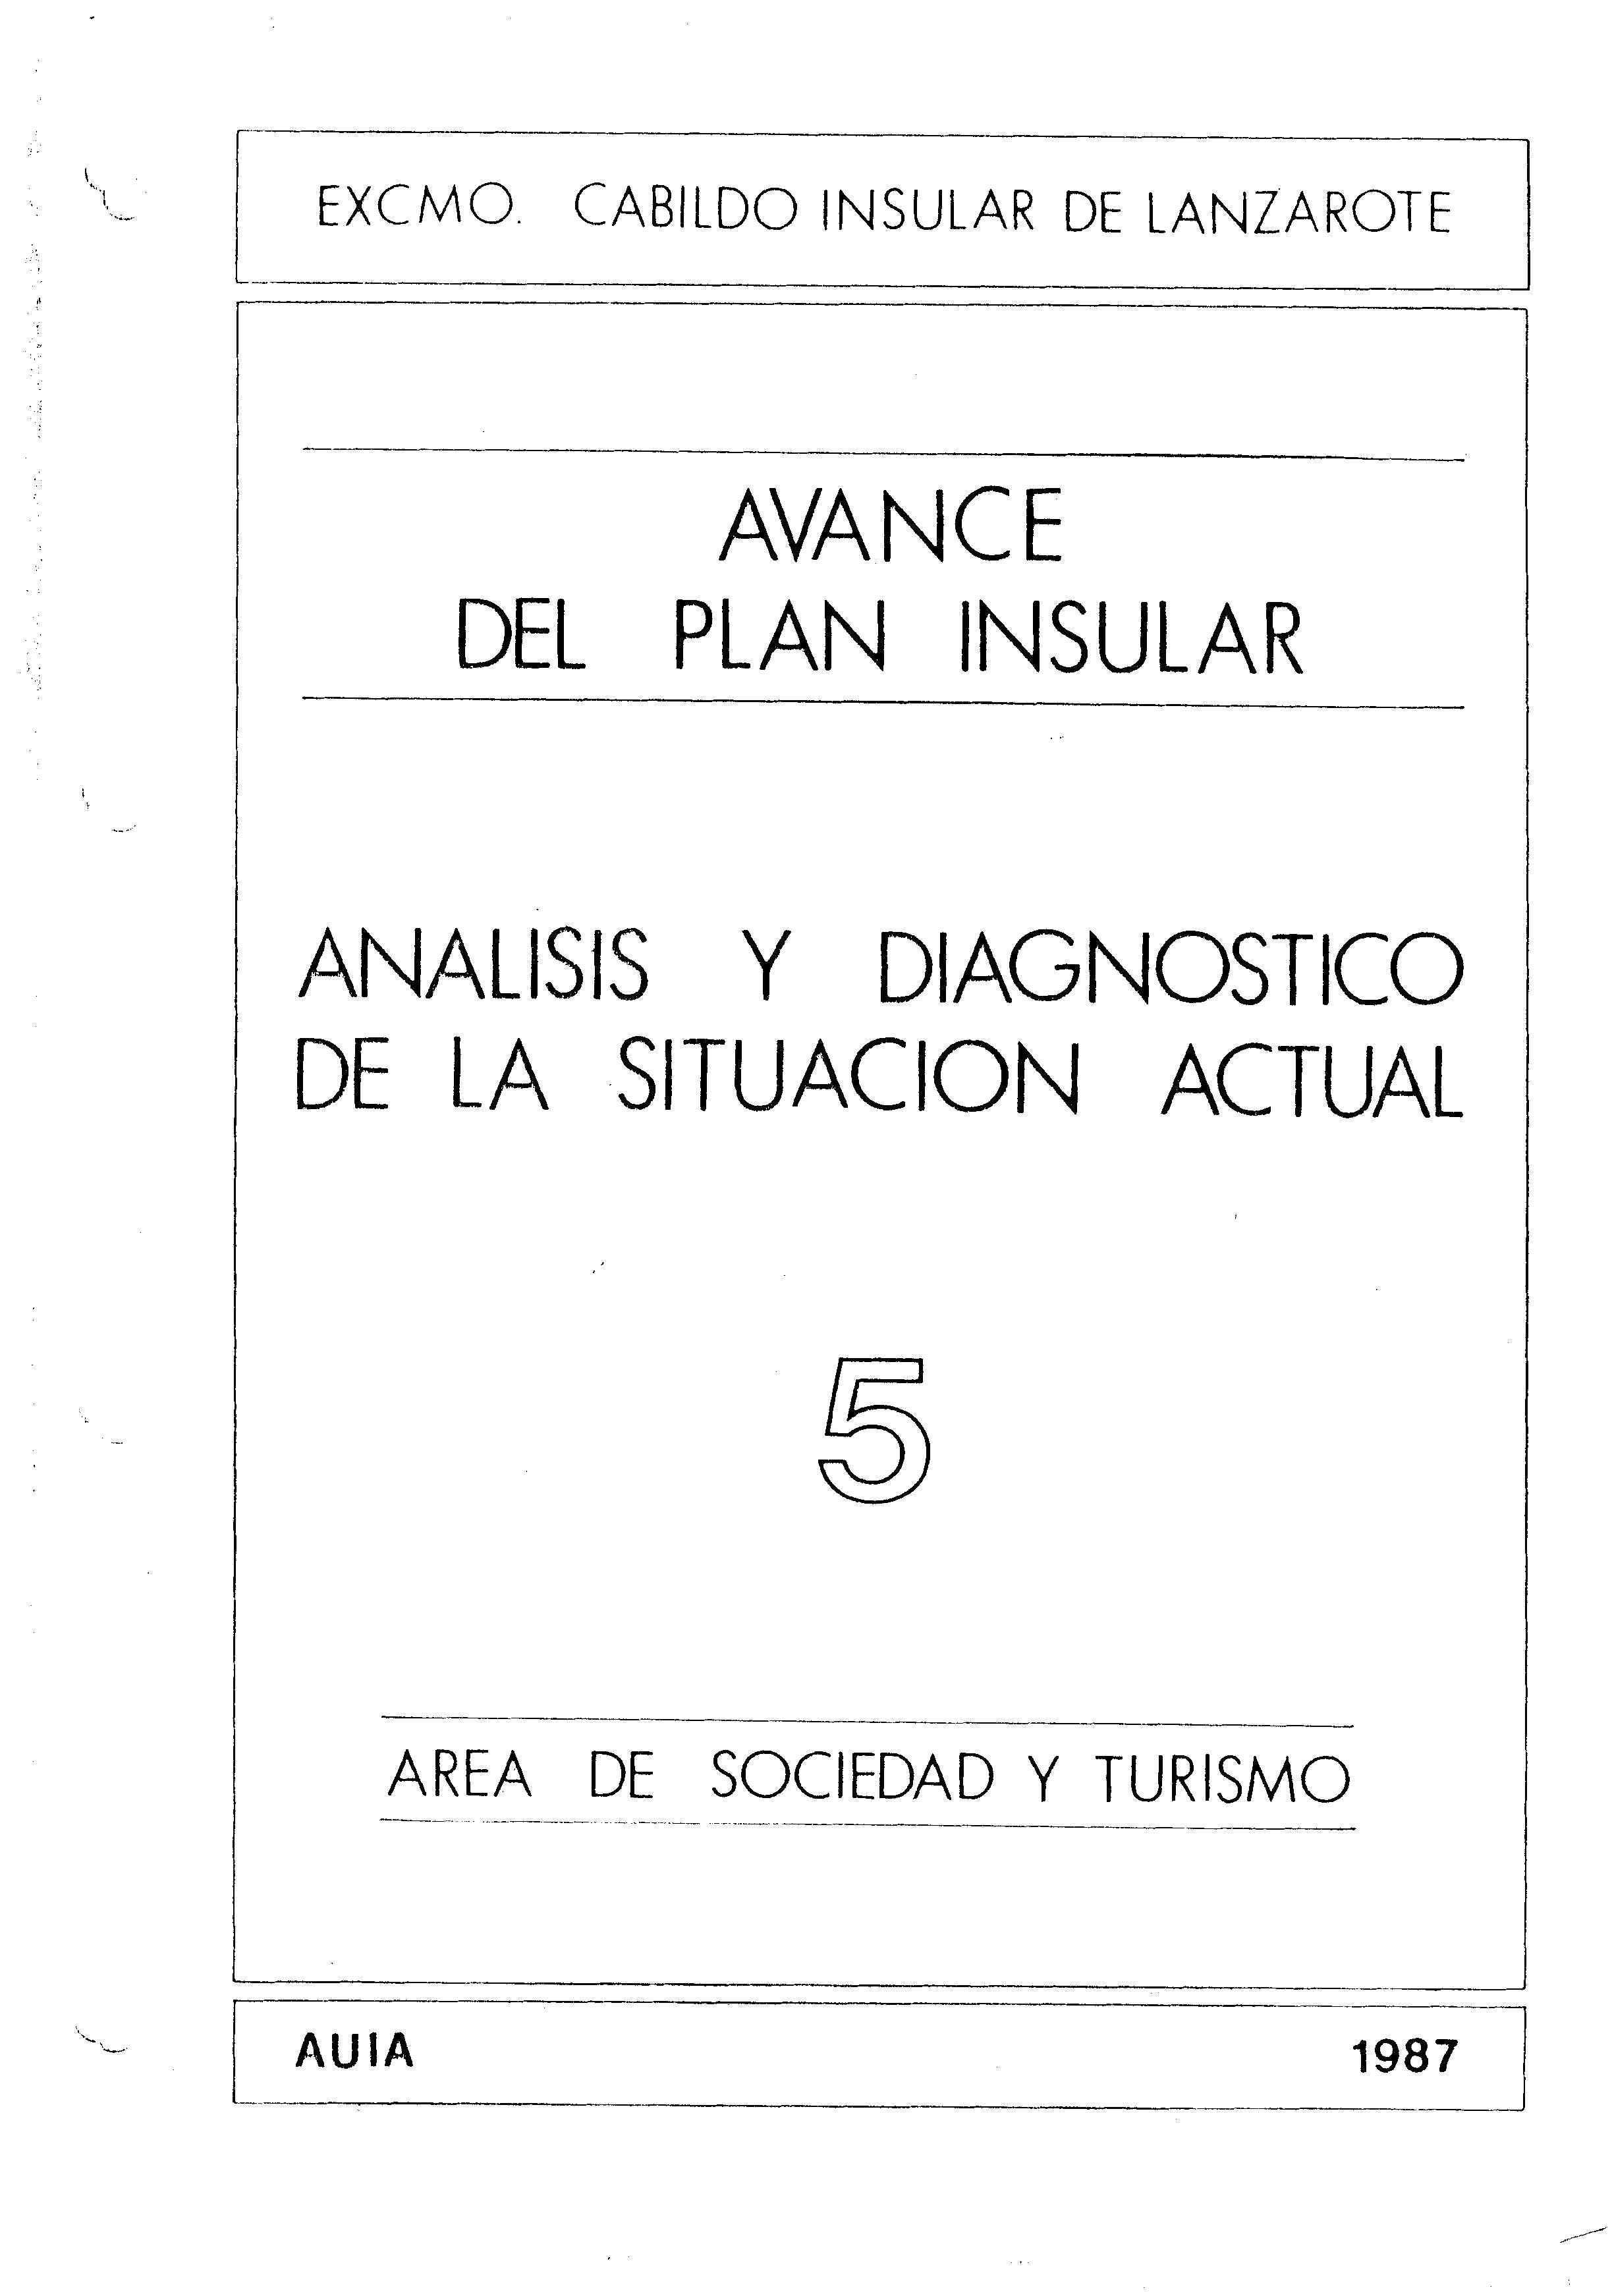 Tomo 5. Área de Sociedad y Turismo. Avance Plan Insular (1987)